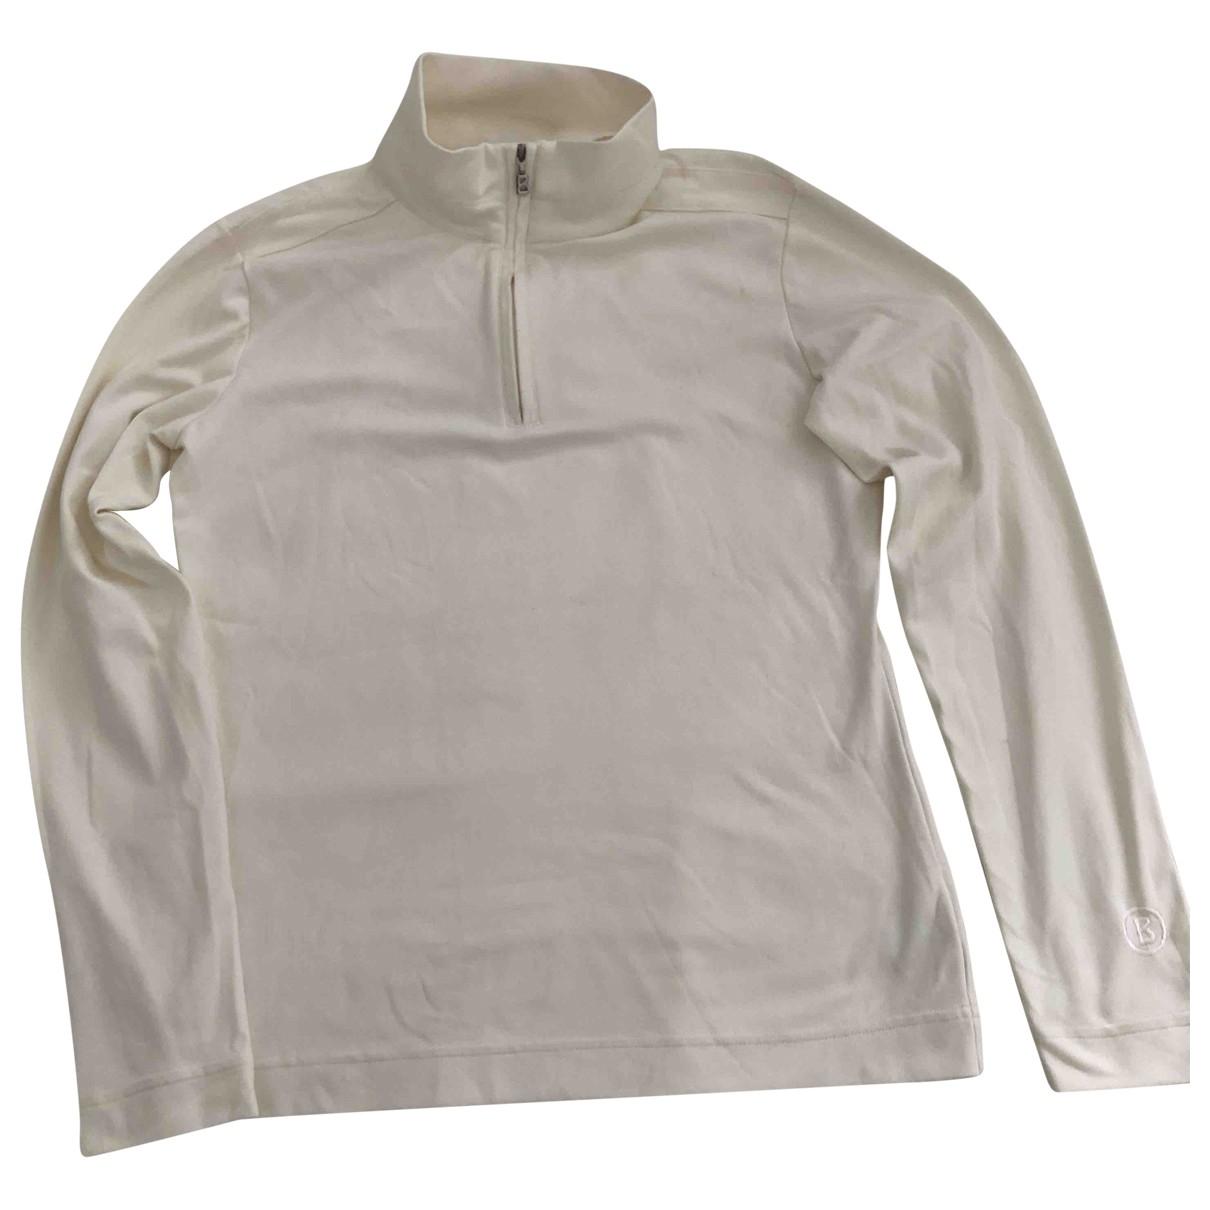 Bogner \N White Knitwear for Women S International